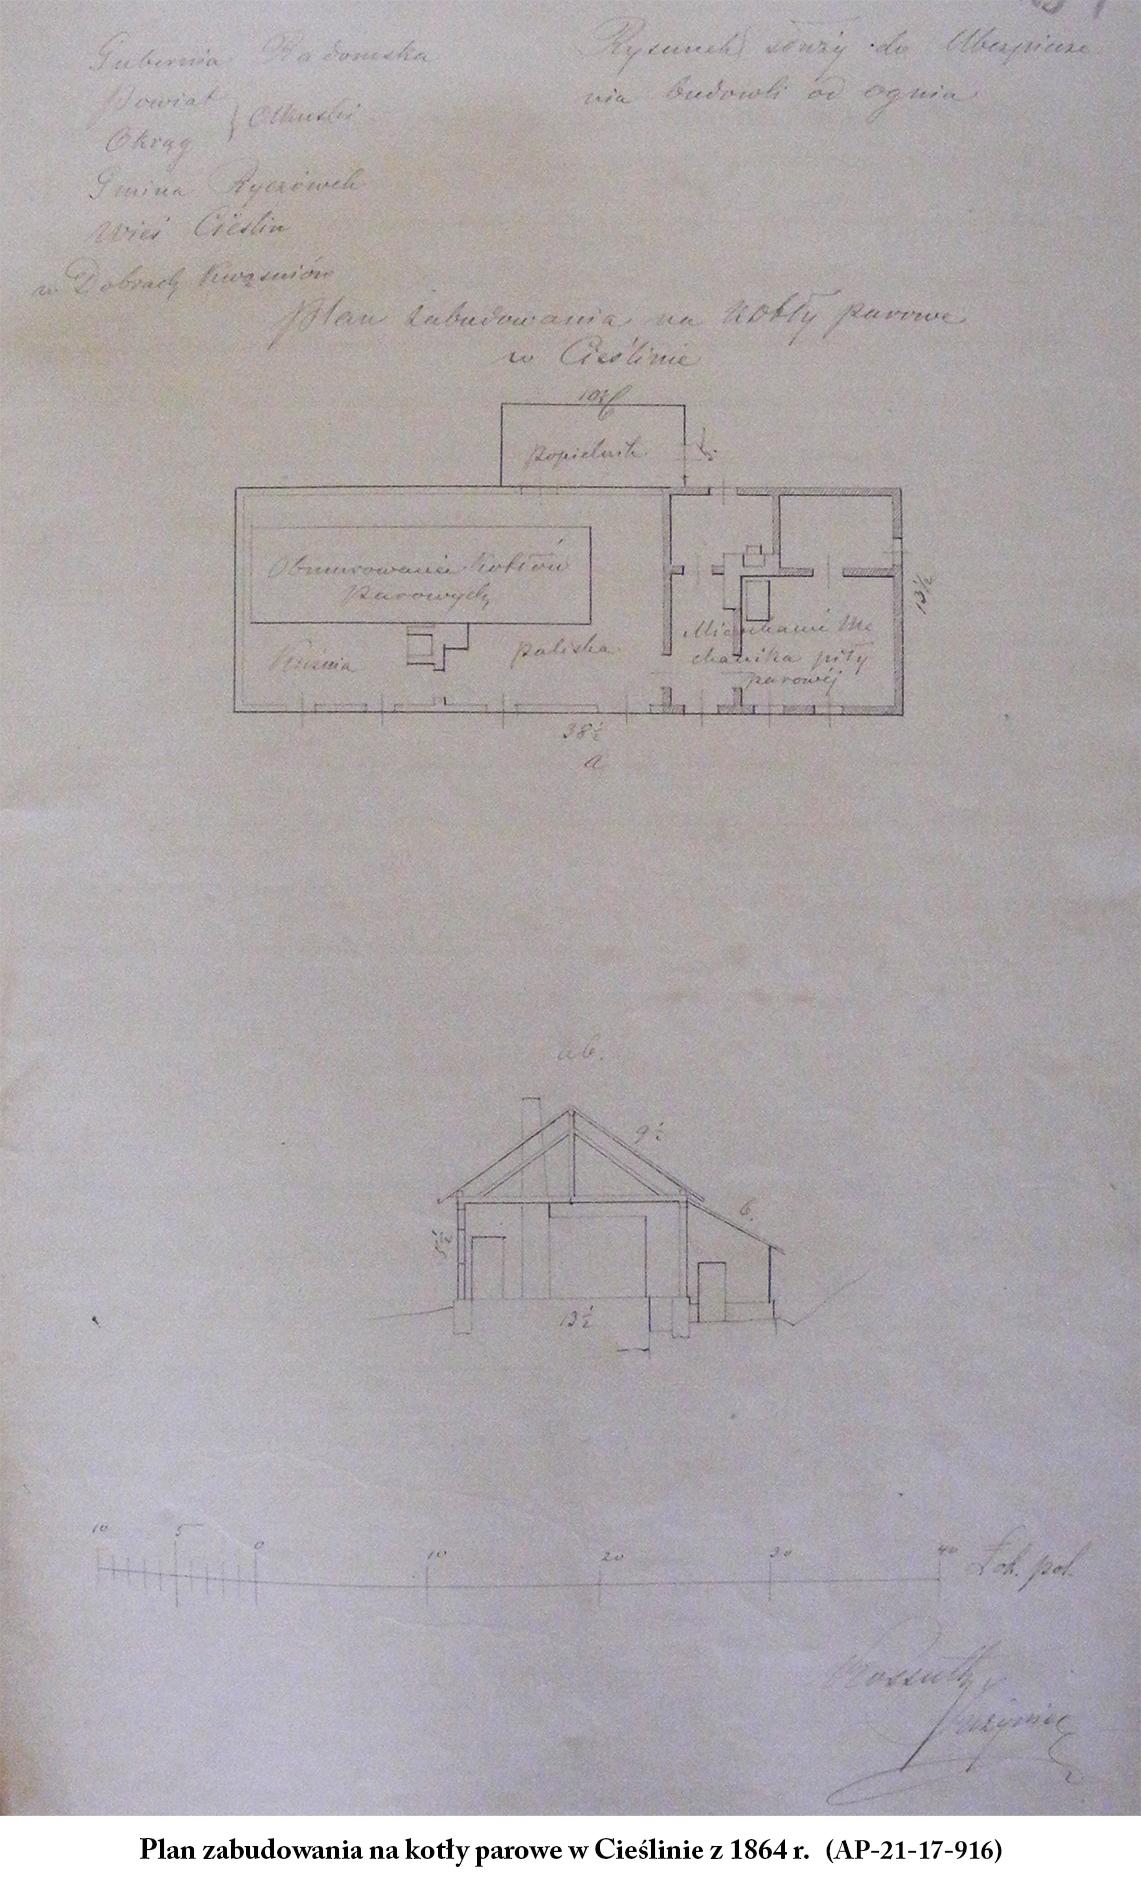 Plan zabudowania na kotły parowe w Cieślinie z 1864 r. (AP-21-17-916)